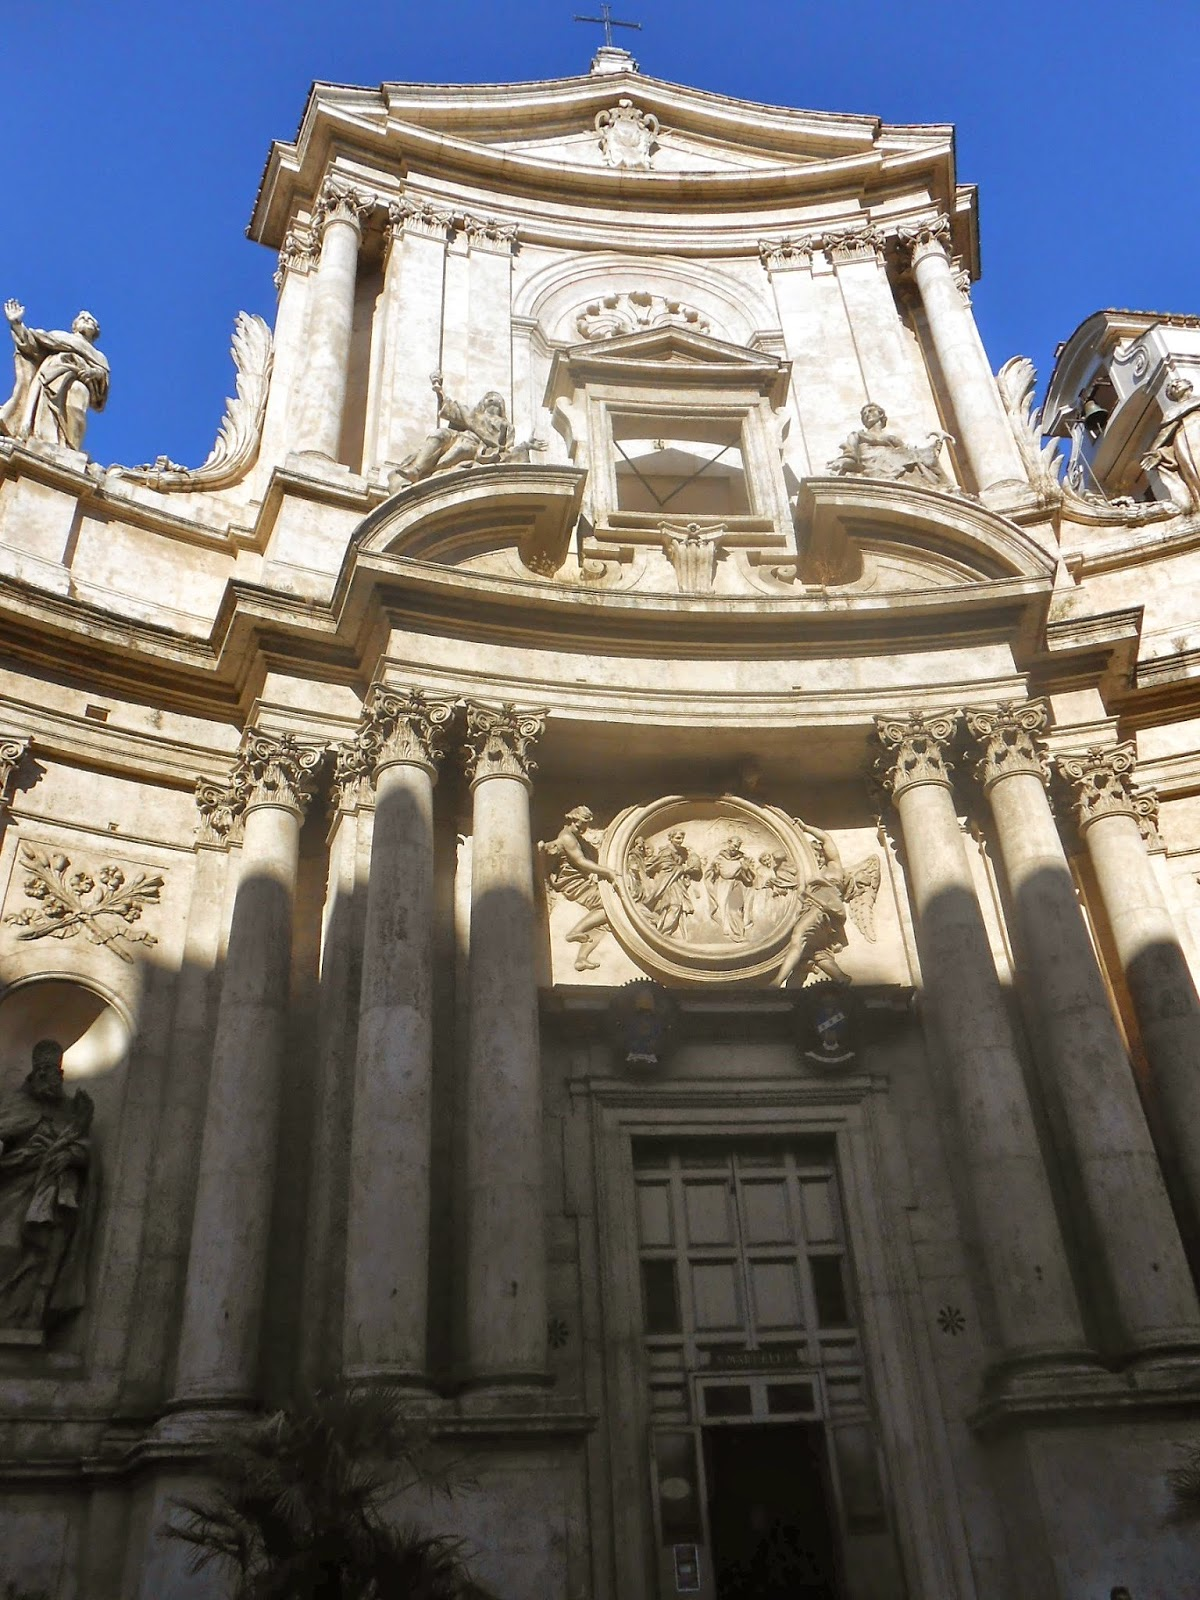 When in rome see san marcello al corso on piazza di san marcello roman despatches - Corso di design roma ...